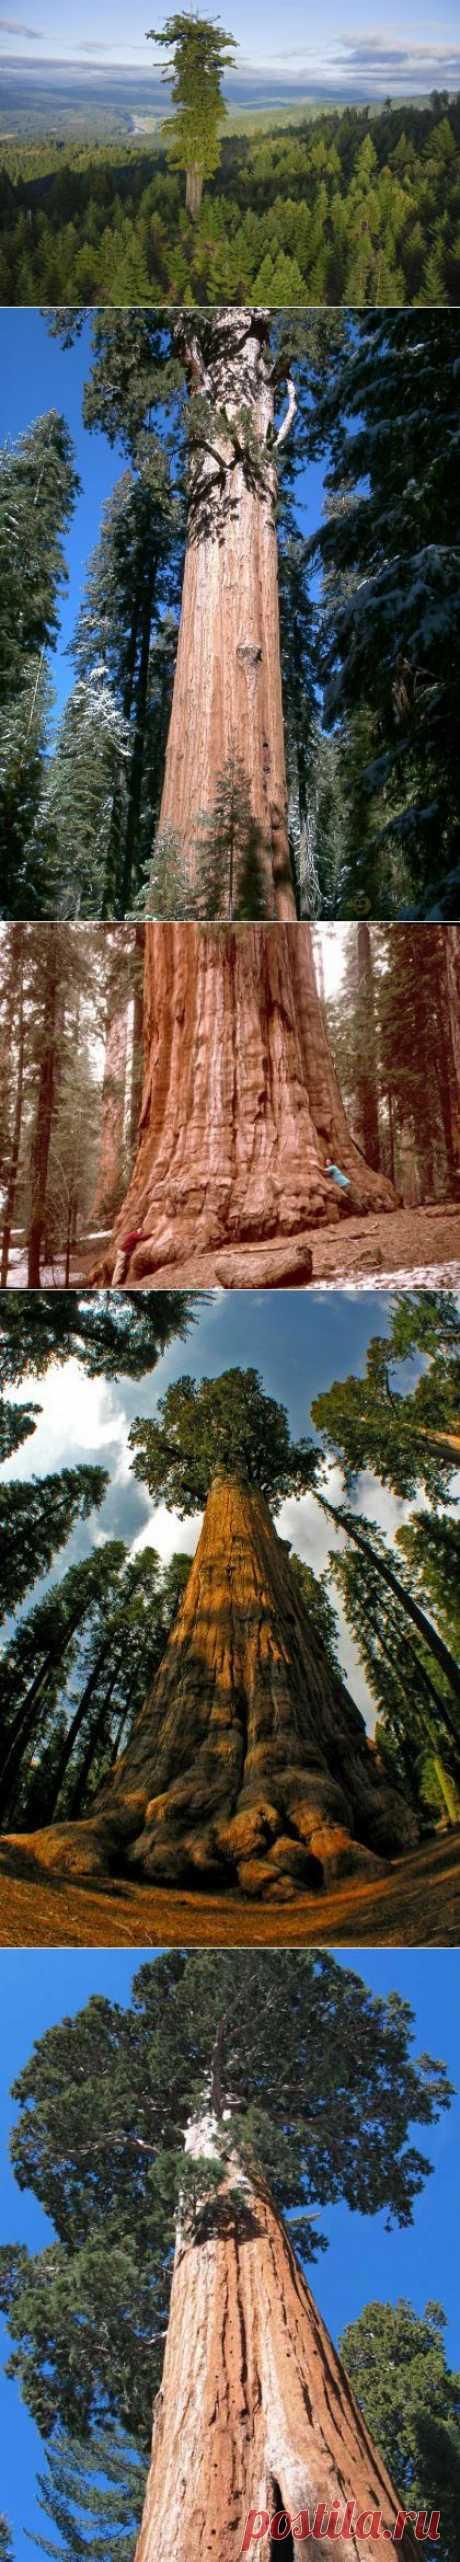 Самые высокие деревья мира / Туристический спутник